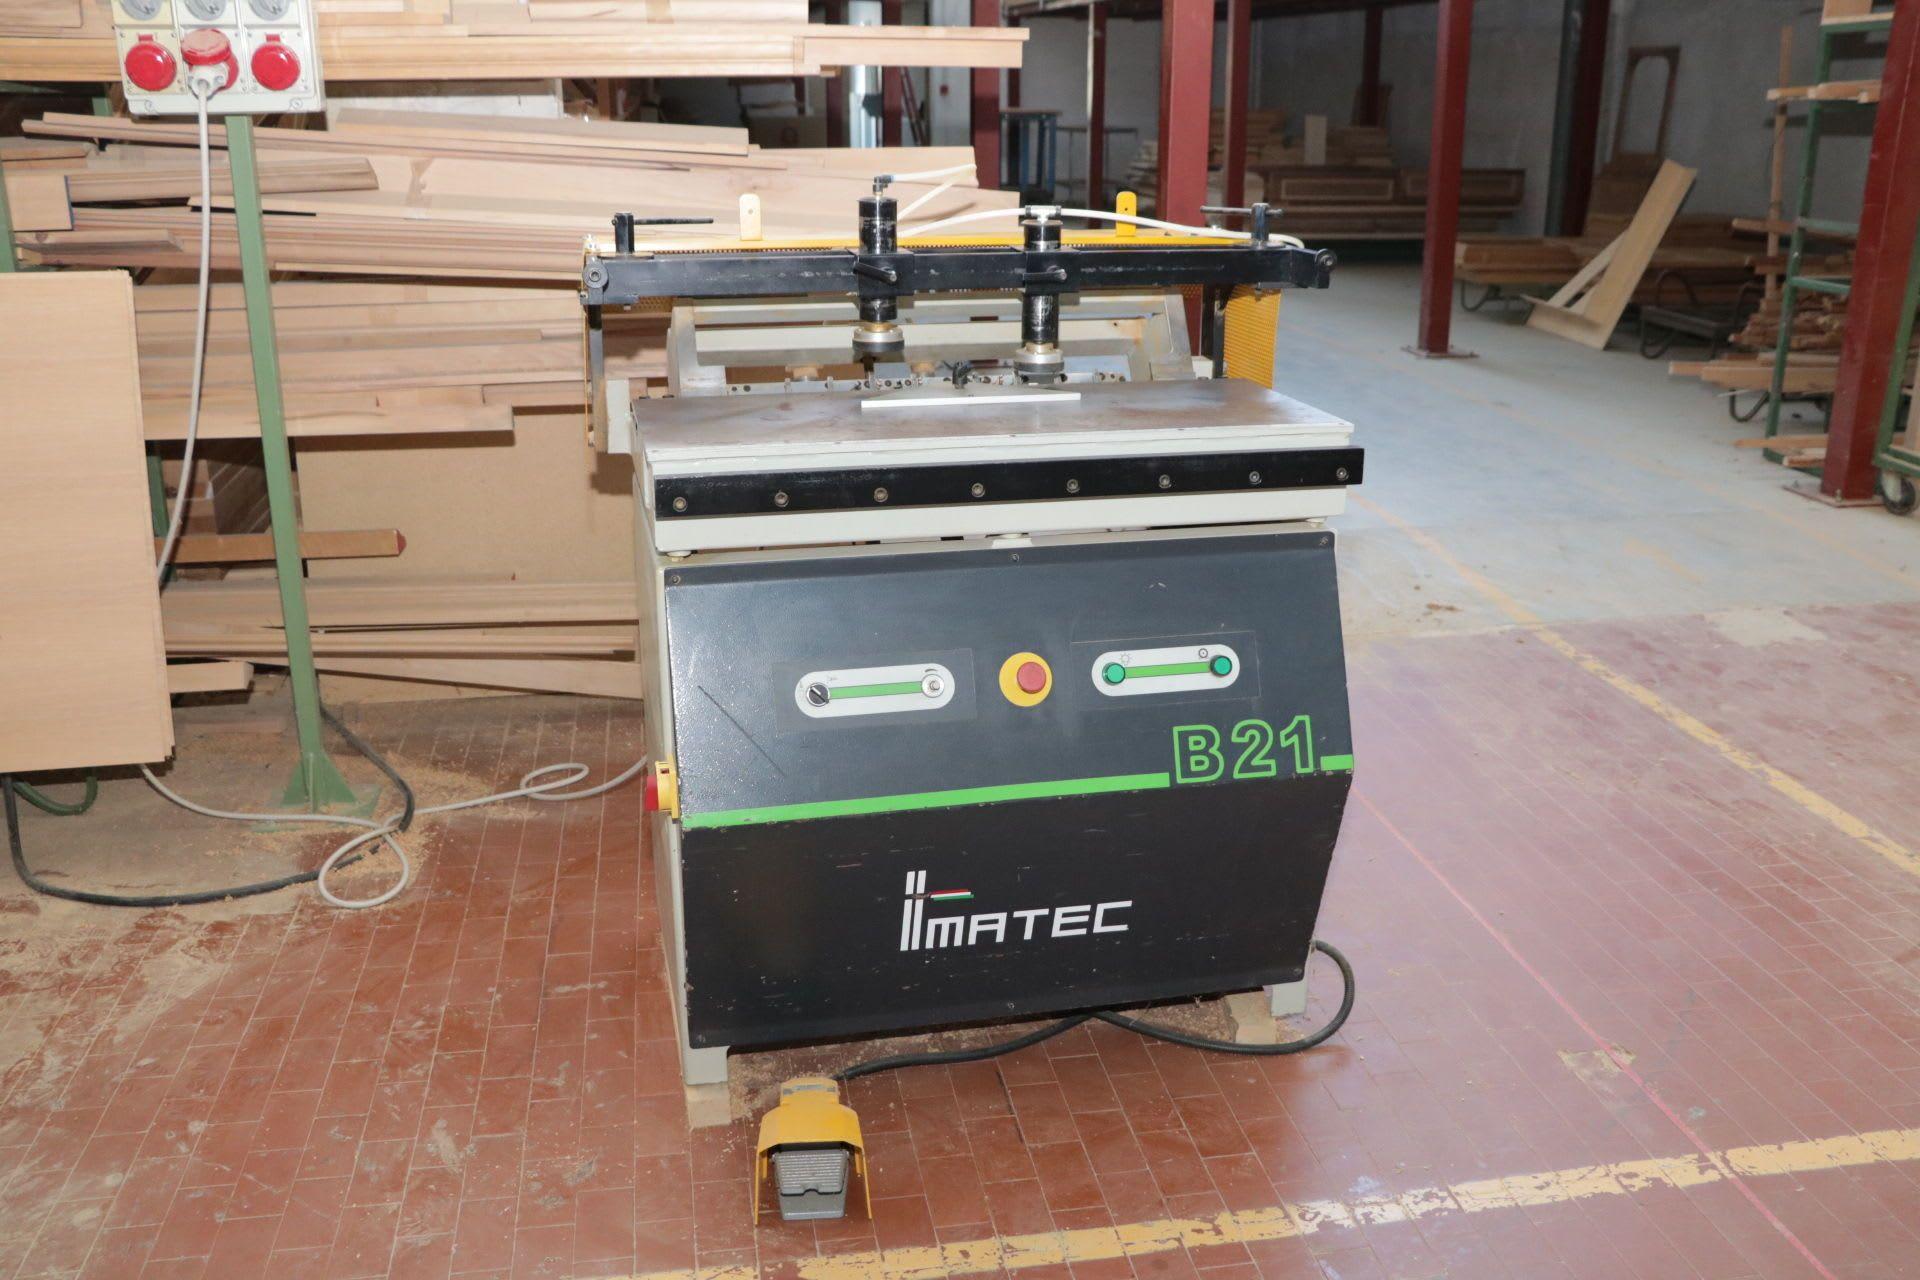 IMATEC B21 Mehrfachbohrmaschine